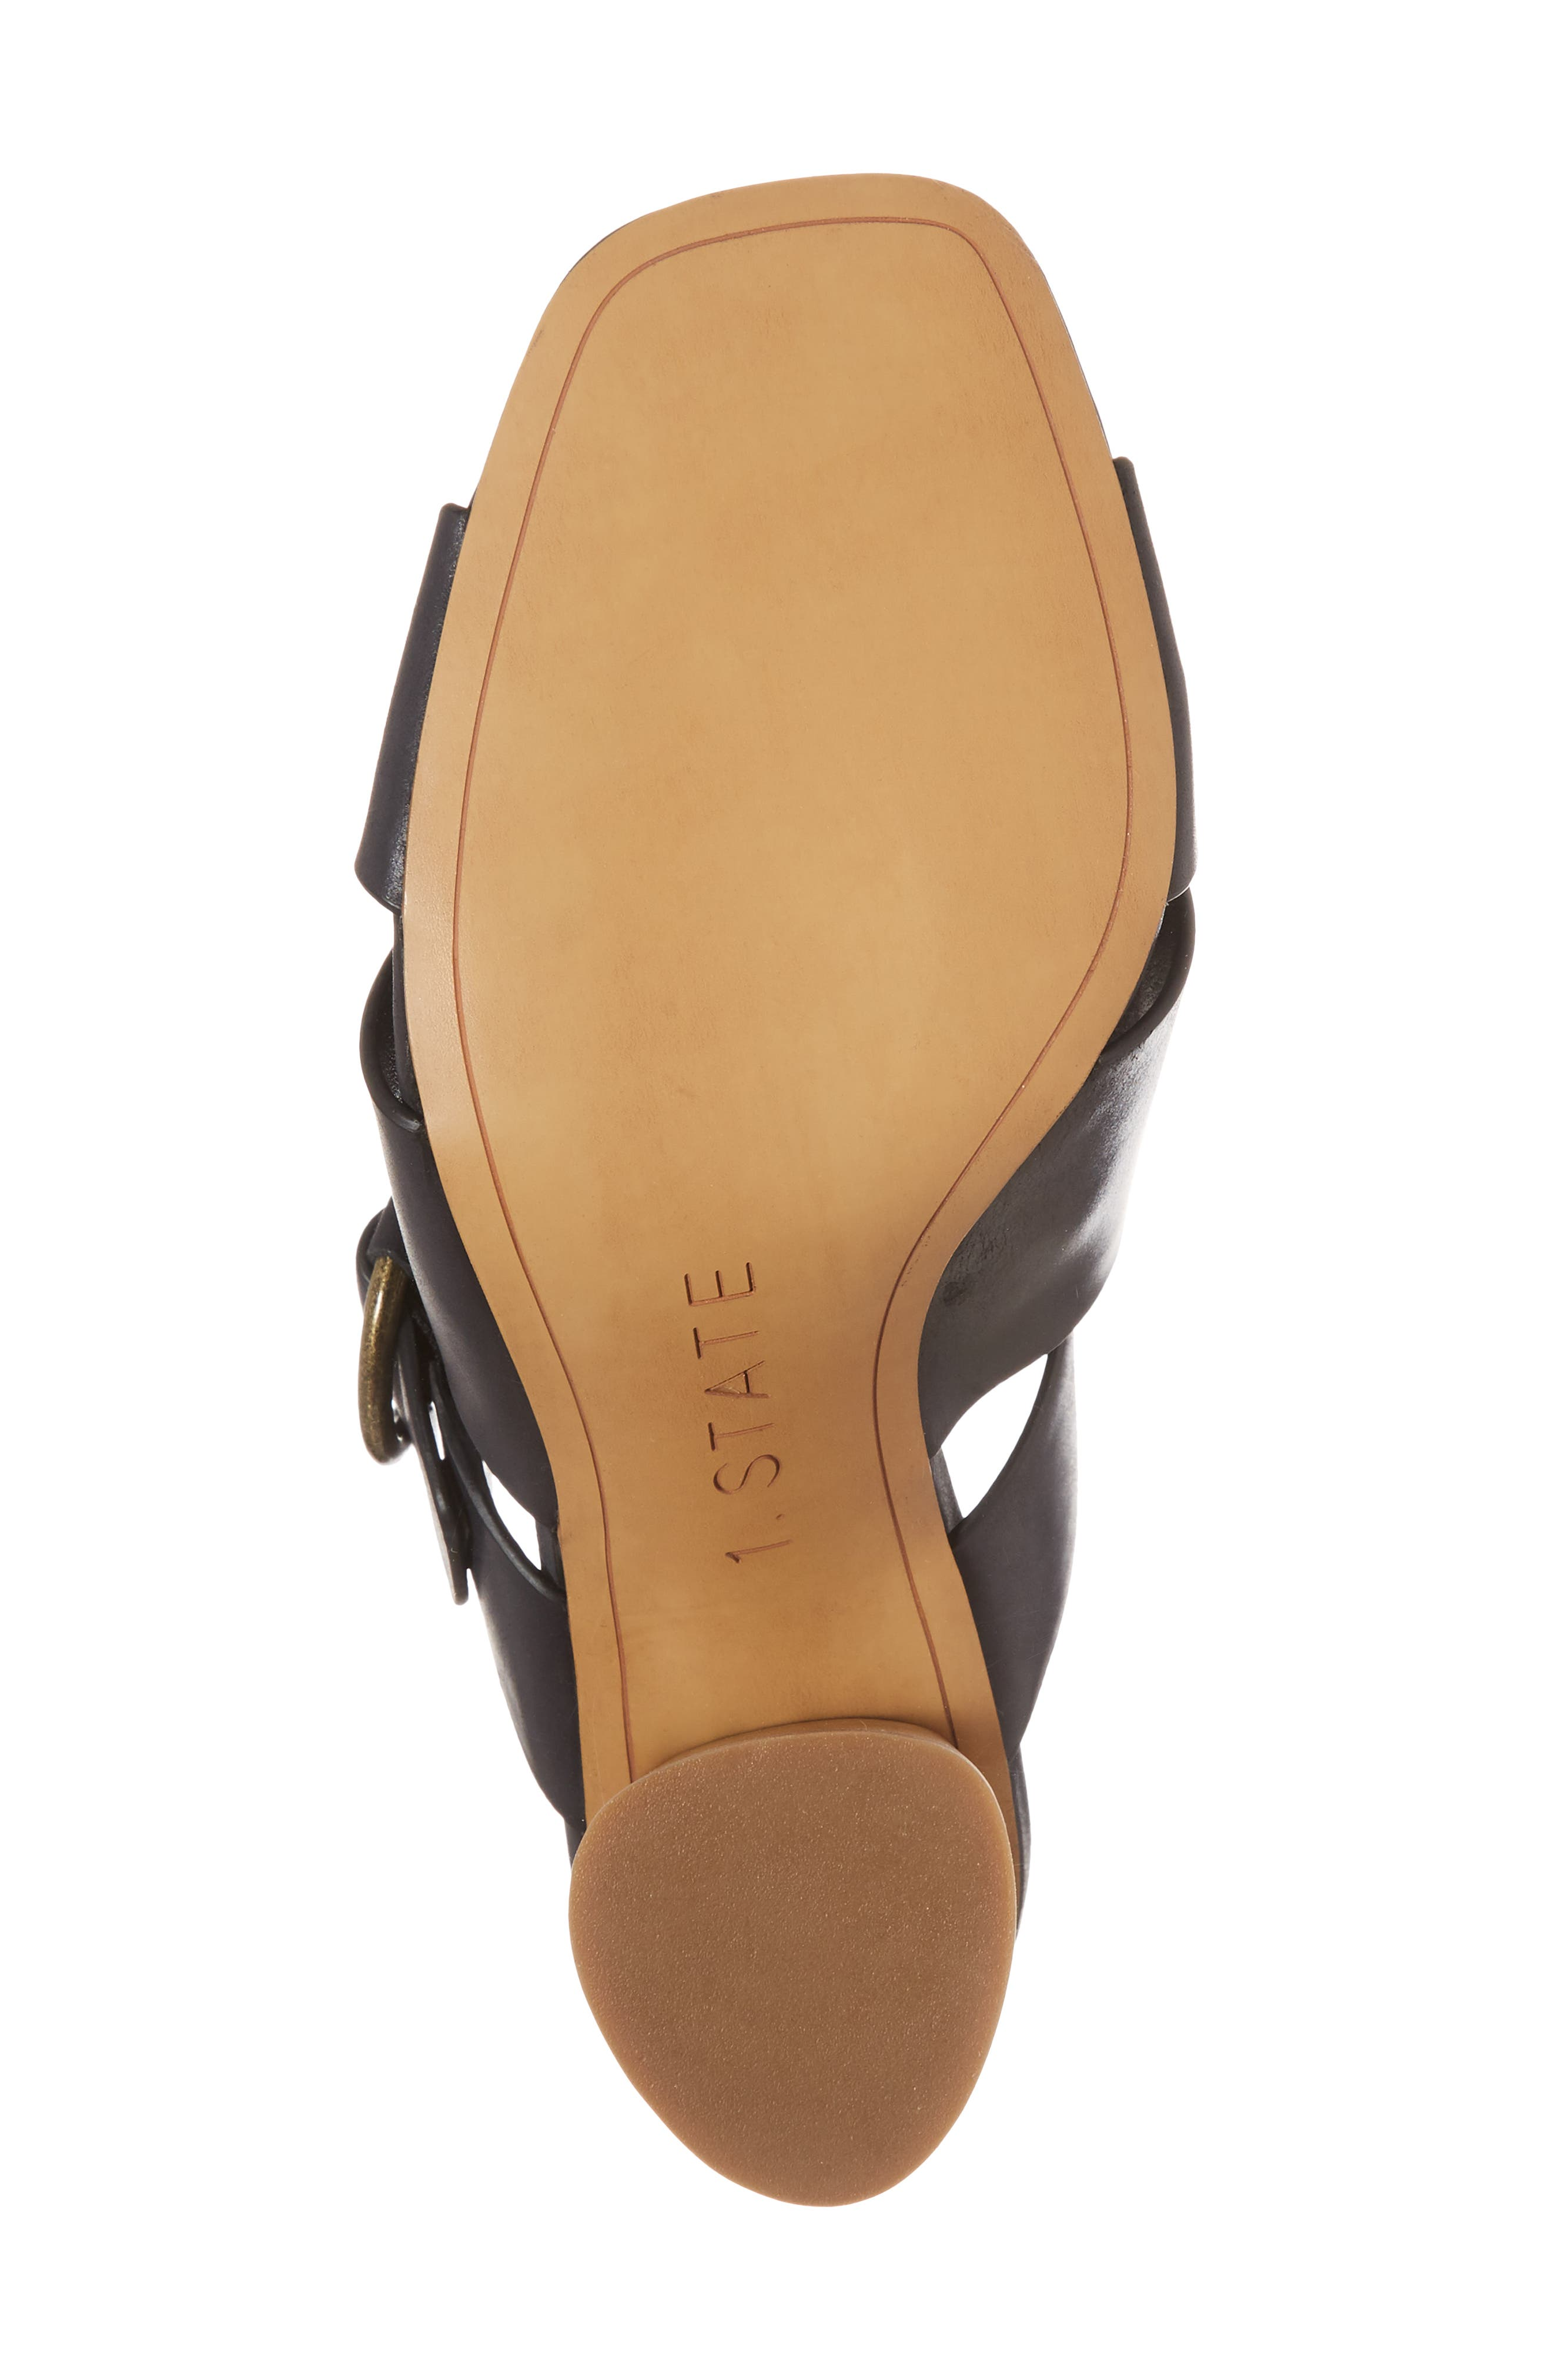 Icendra Flared Heel Mule Sandal,                             Alternate thumbnail 6, color,                             BLACK LEATHER